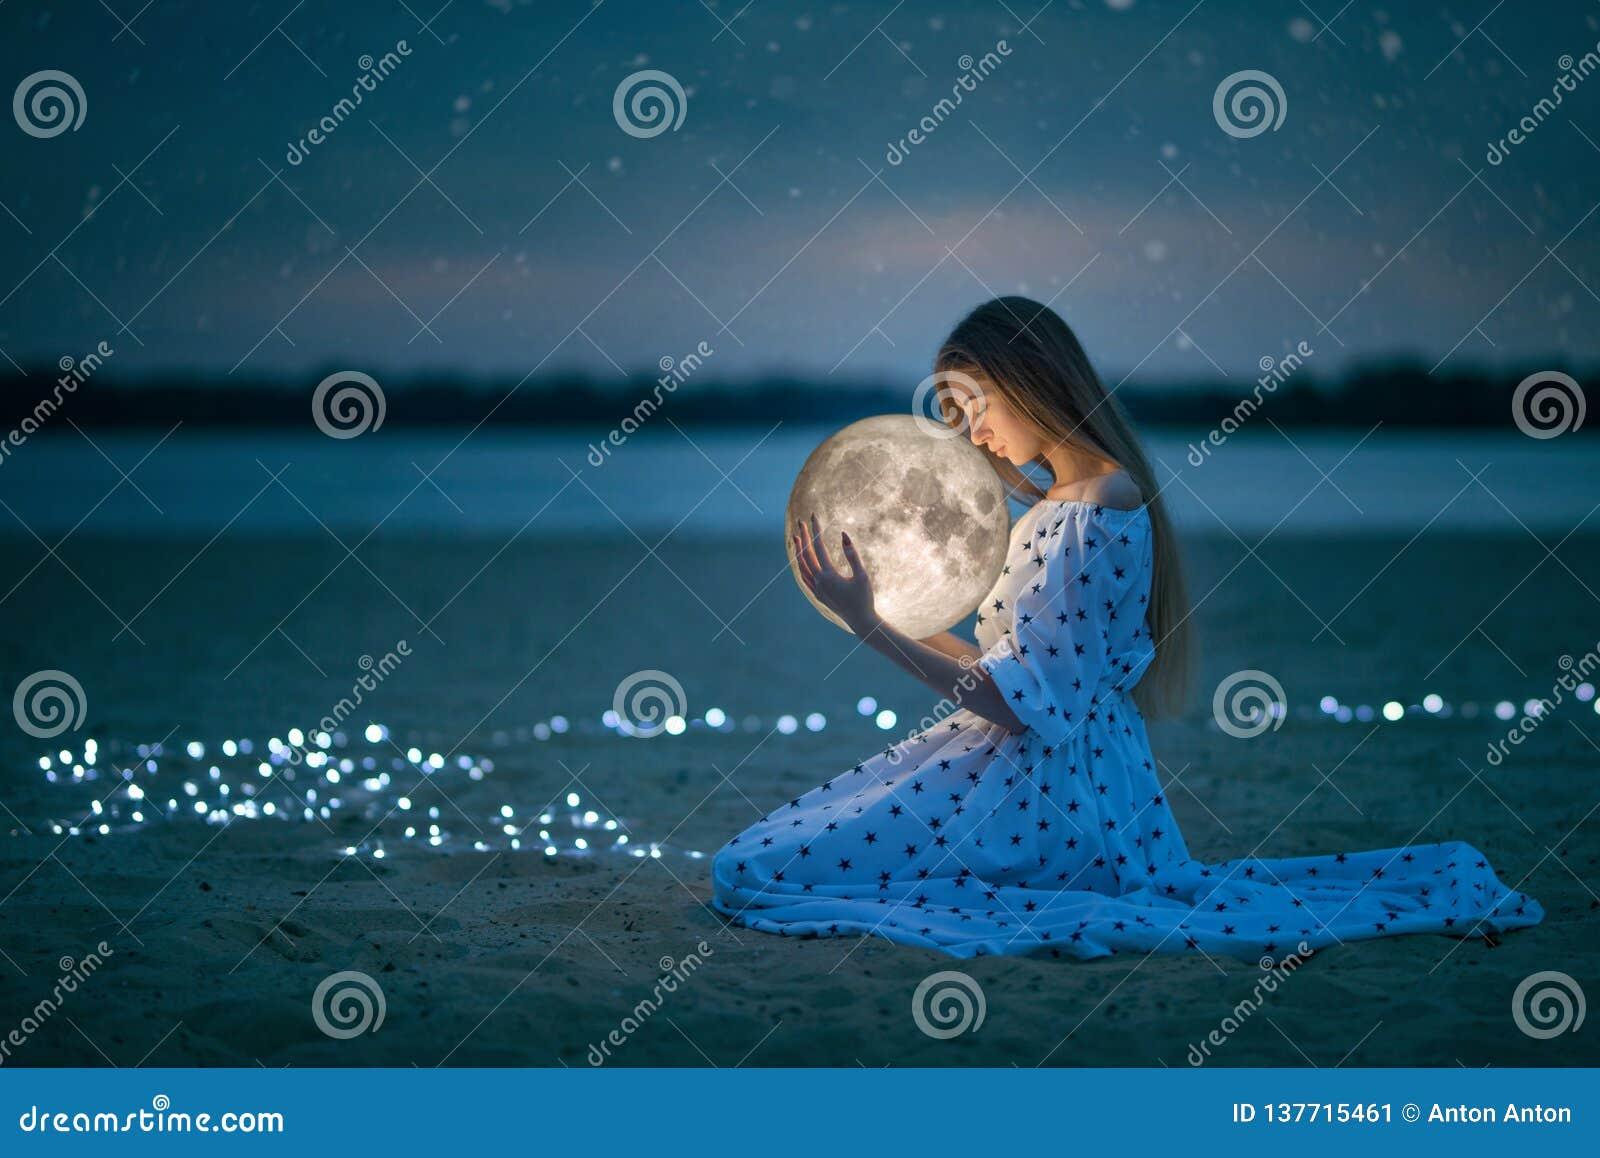 La muchacha atractiva hermosa en una playa de la noche con la arena y las estrellas abraza la luna, fotografía artística